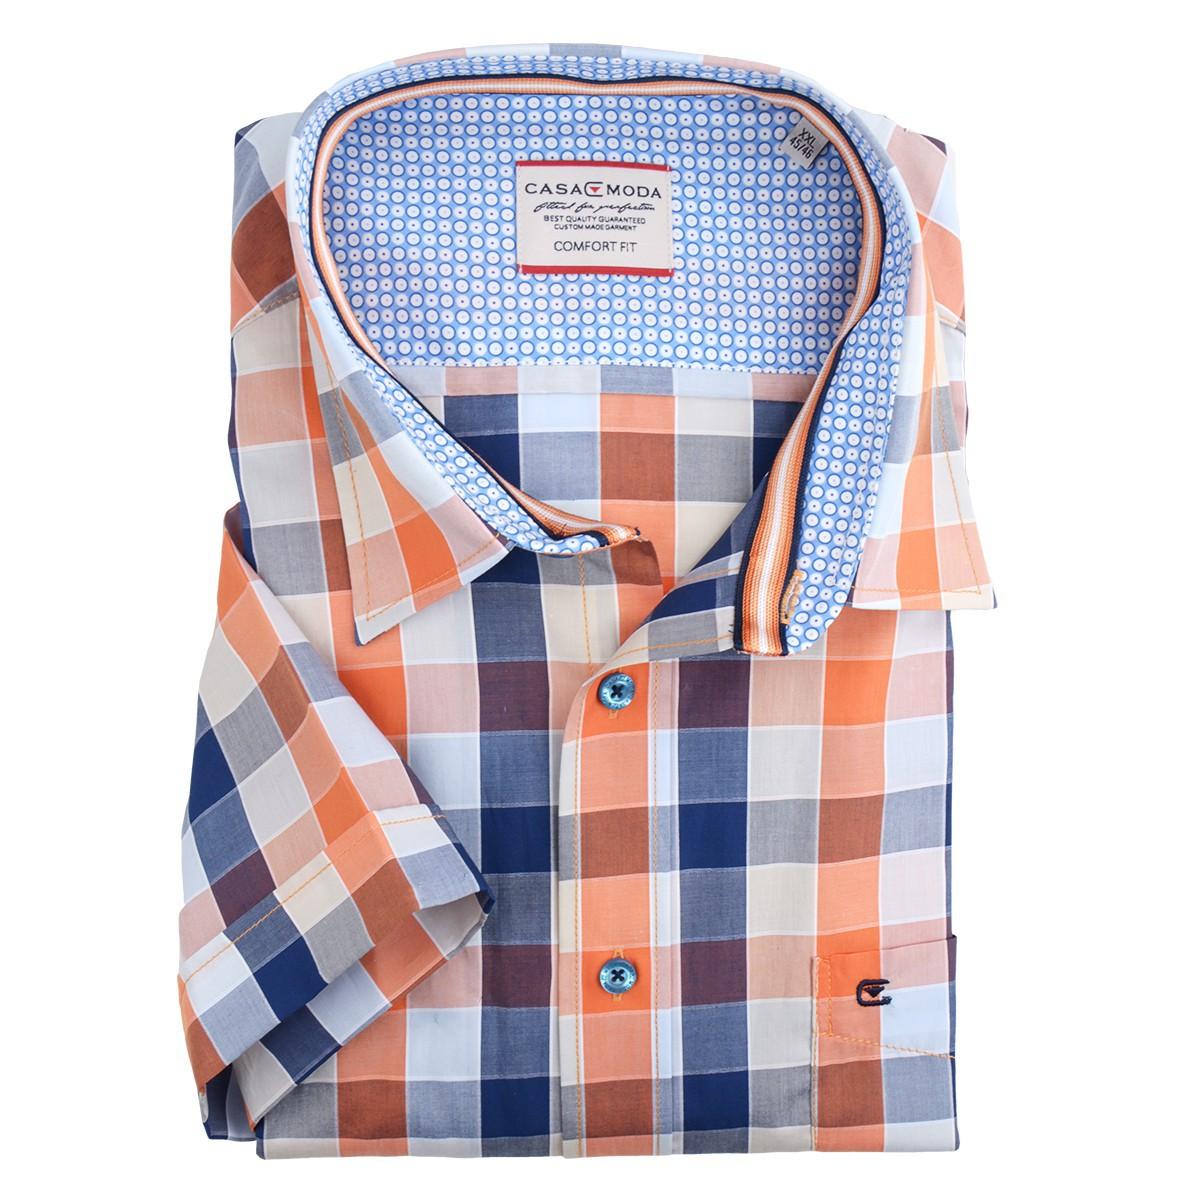 outlet store 89149 81354 XXL Casa Moda kariertes kurzarm Hemd orange-blau-weiß